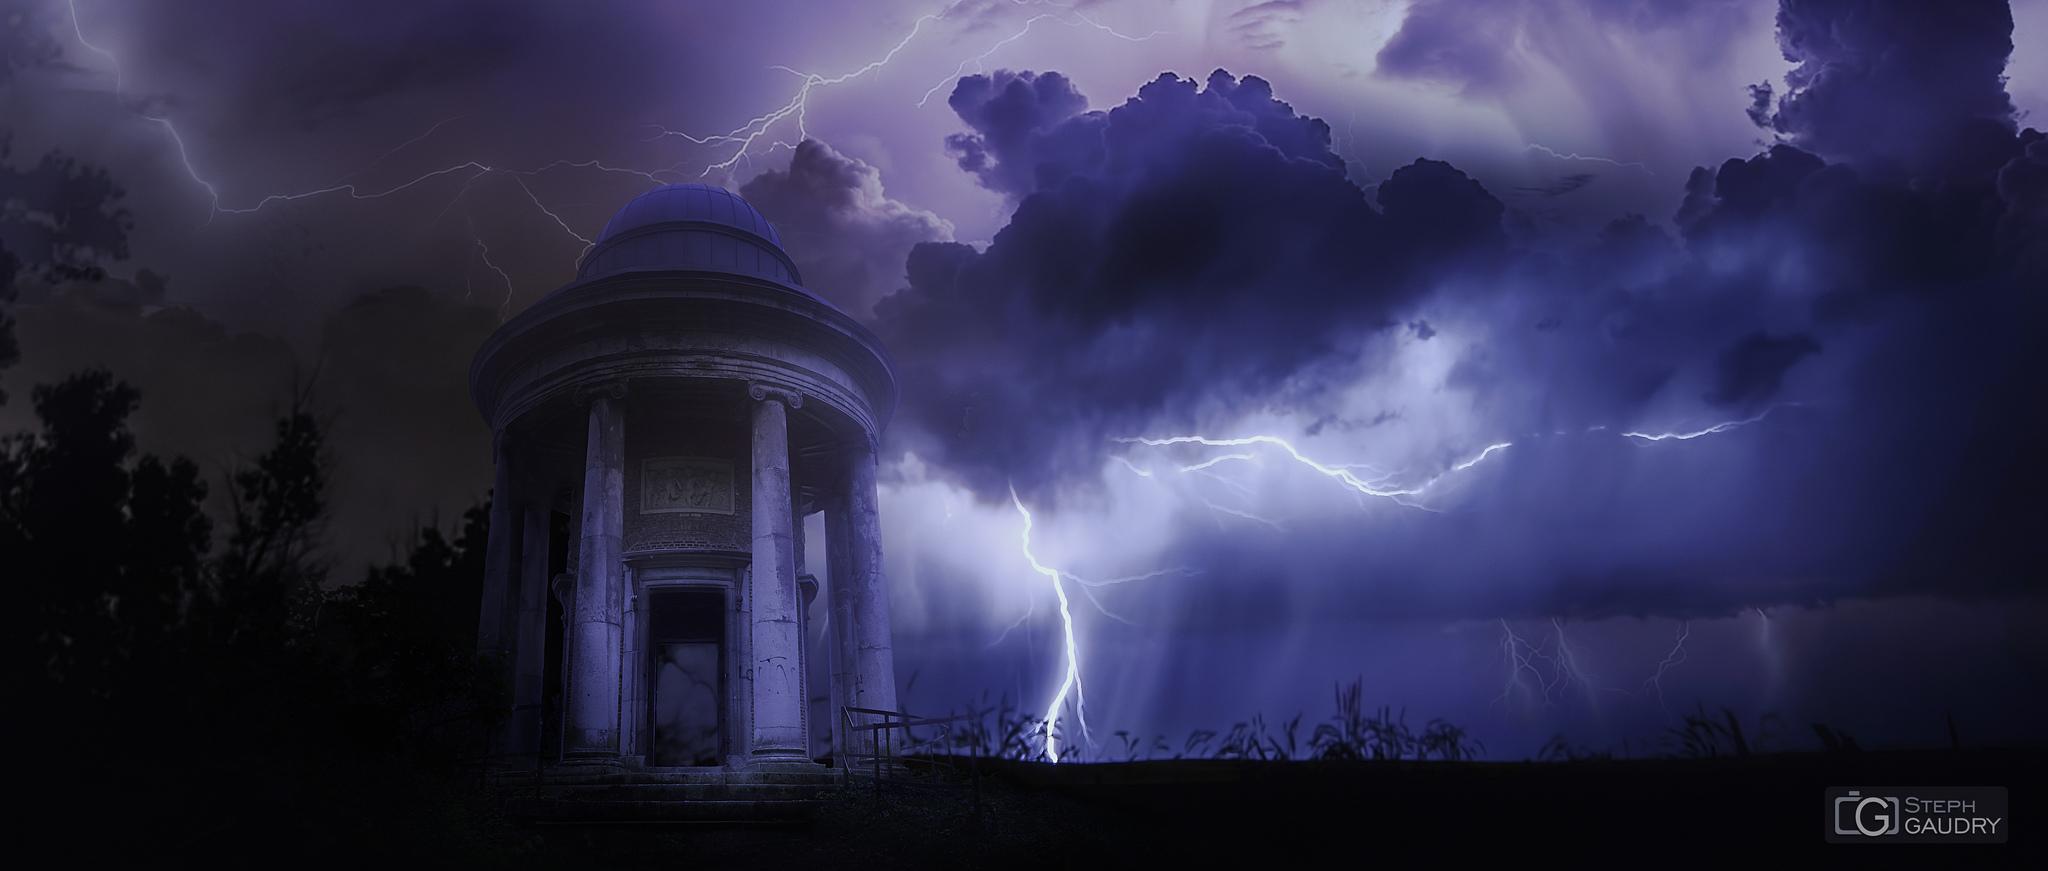 Storm rumbling on lost  temple [Cliquez pour lancer le diaporama]